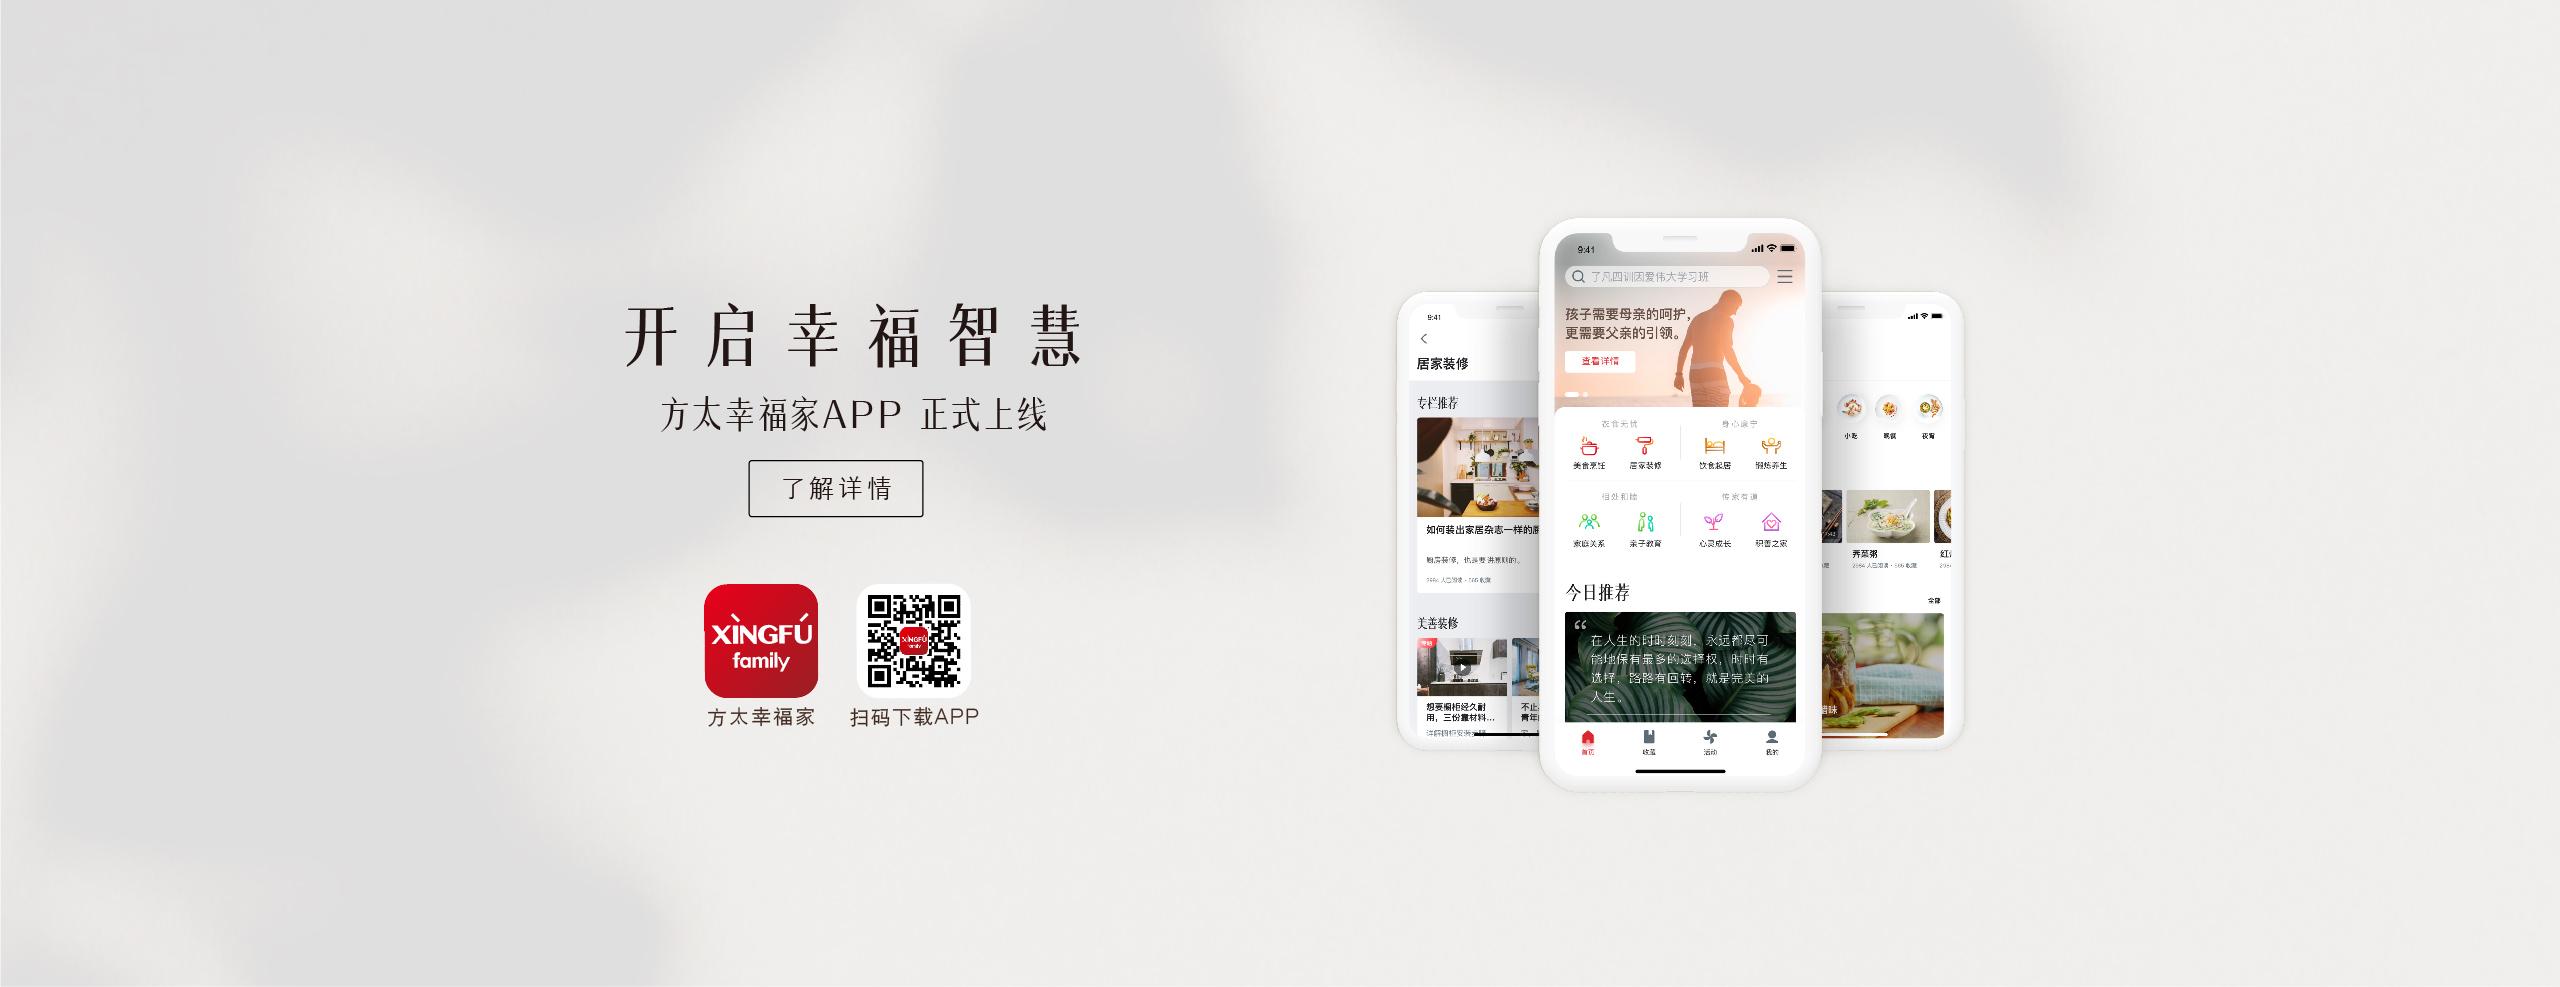 久久乐方太幸福家app 幸福的智慧 - FOTILE方太厨房电器官方网站